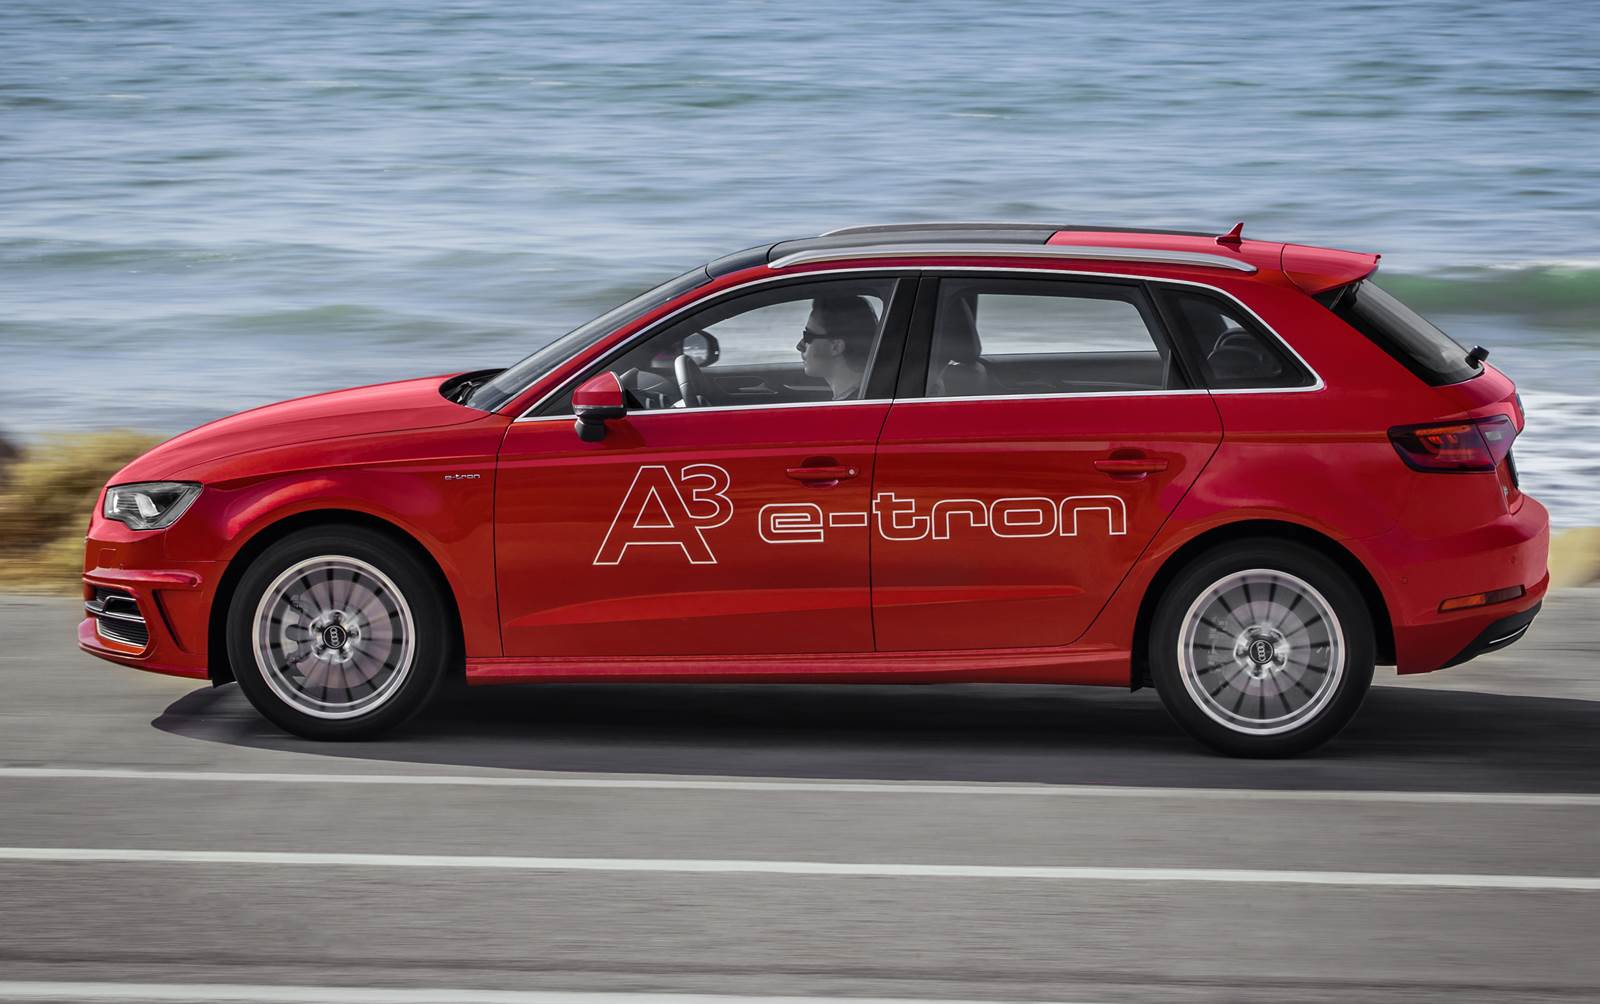 Novo Audi A3 eTron 2017